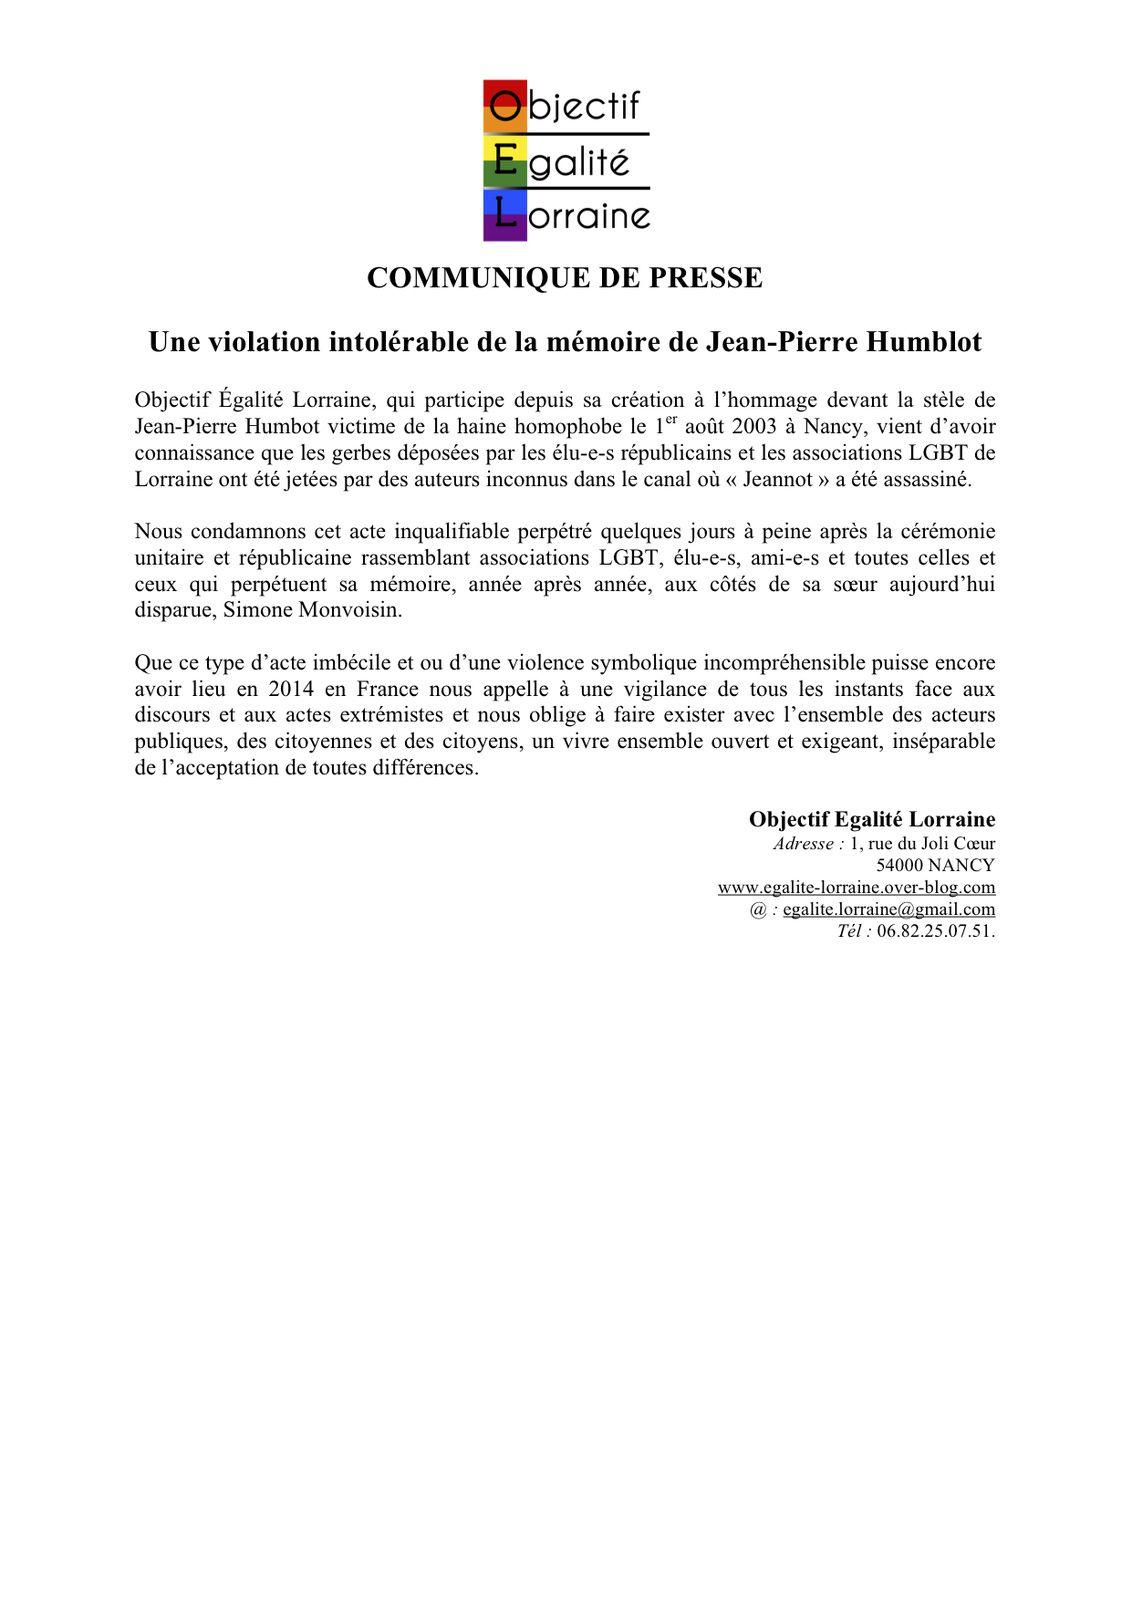 Une violation intolérable de la mémoire de Jean-Pierre Humblot